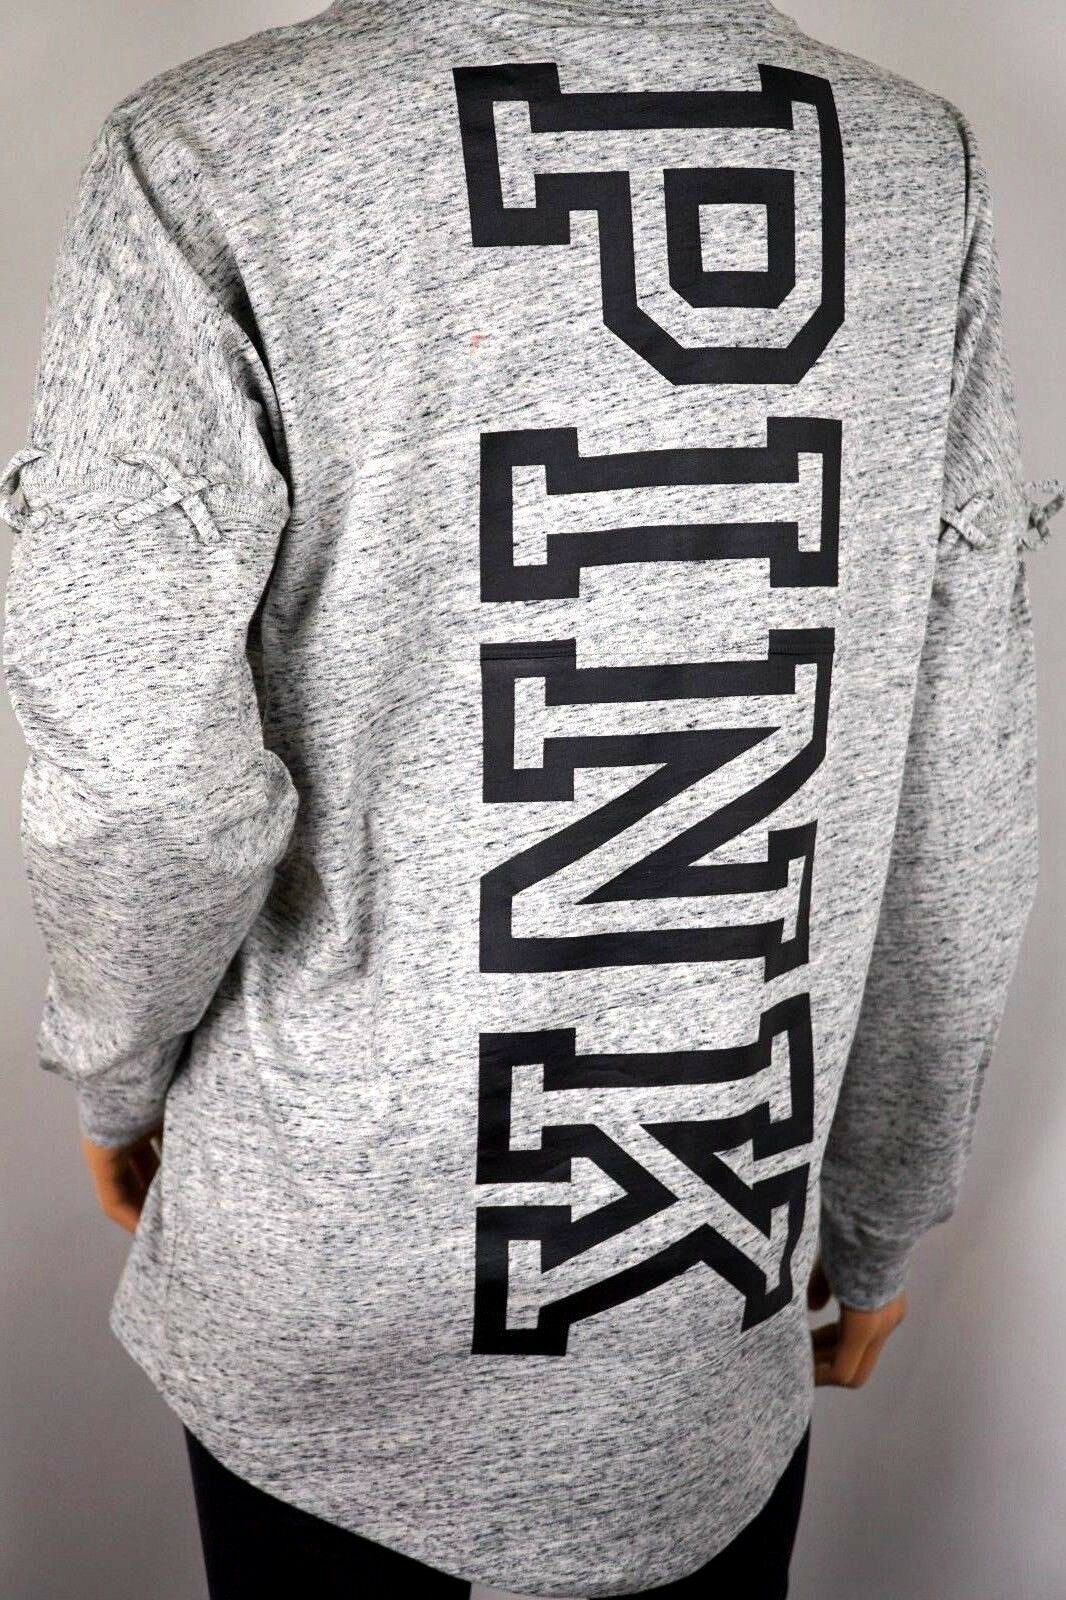 VICTORIA'S Geheim Pink Langärmlig Campus T-Shirt Crew Marl grey XS